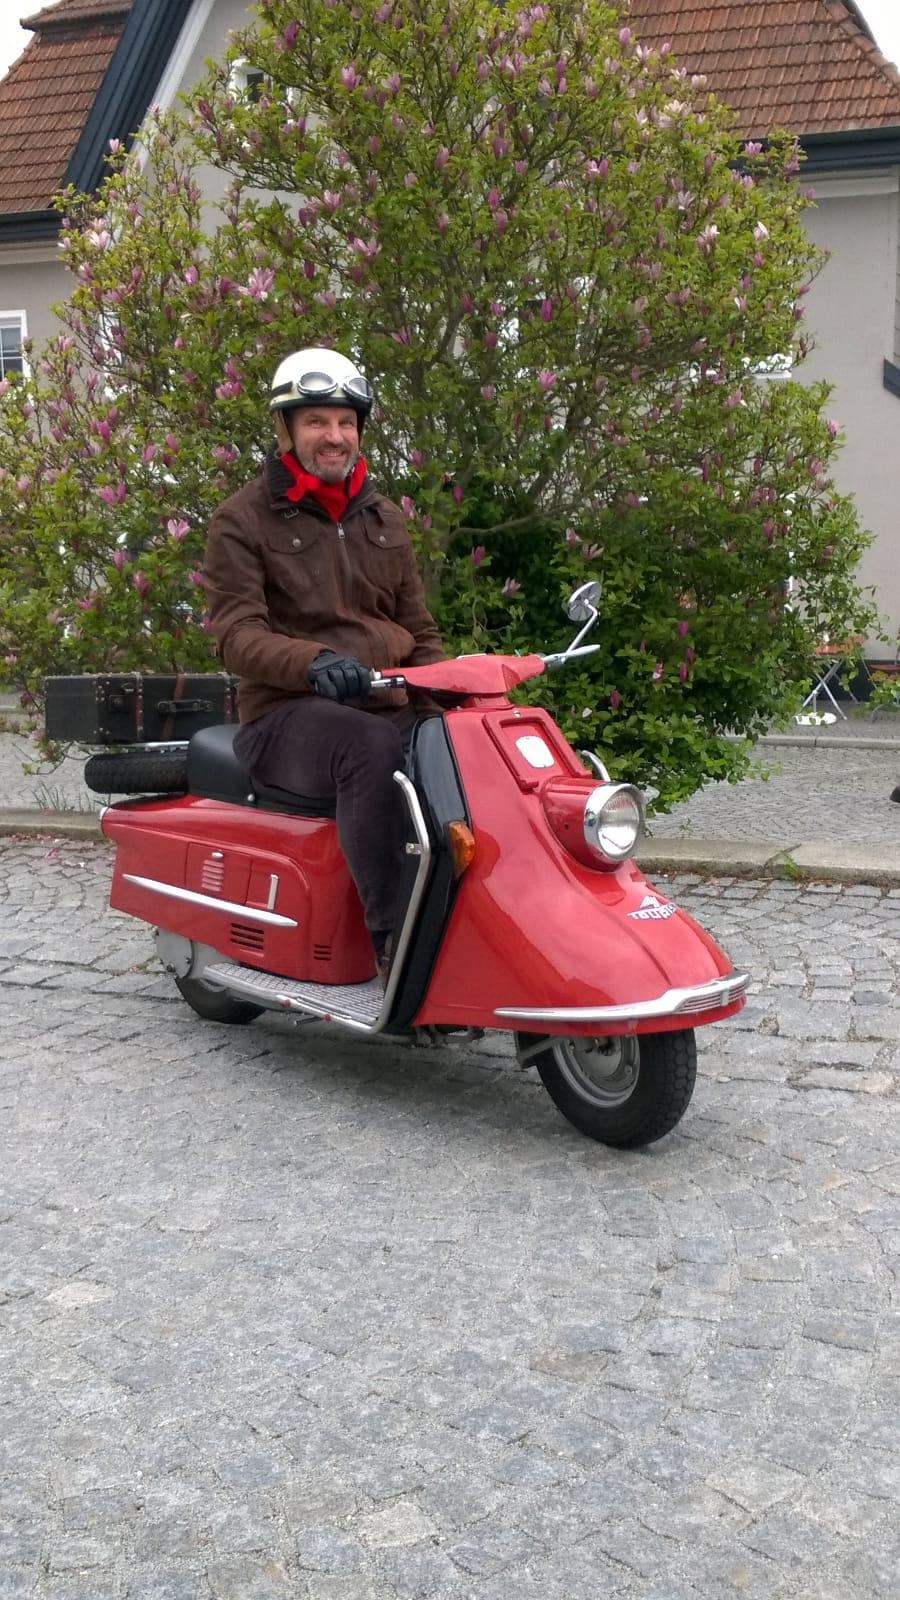 Klasse Foto Herr Listl. Unser Koffer macht sich sehr gut auf Ihrer Henkel Tourist von 1962. Erste Ausfahrt zur Motorradweihe in Ortenburg / Niederbayern. Weiterhin gute Fahrt mit Ihrem tollen Roller. Wir lieben das Foto. ❤️